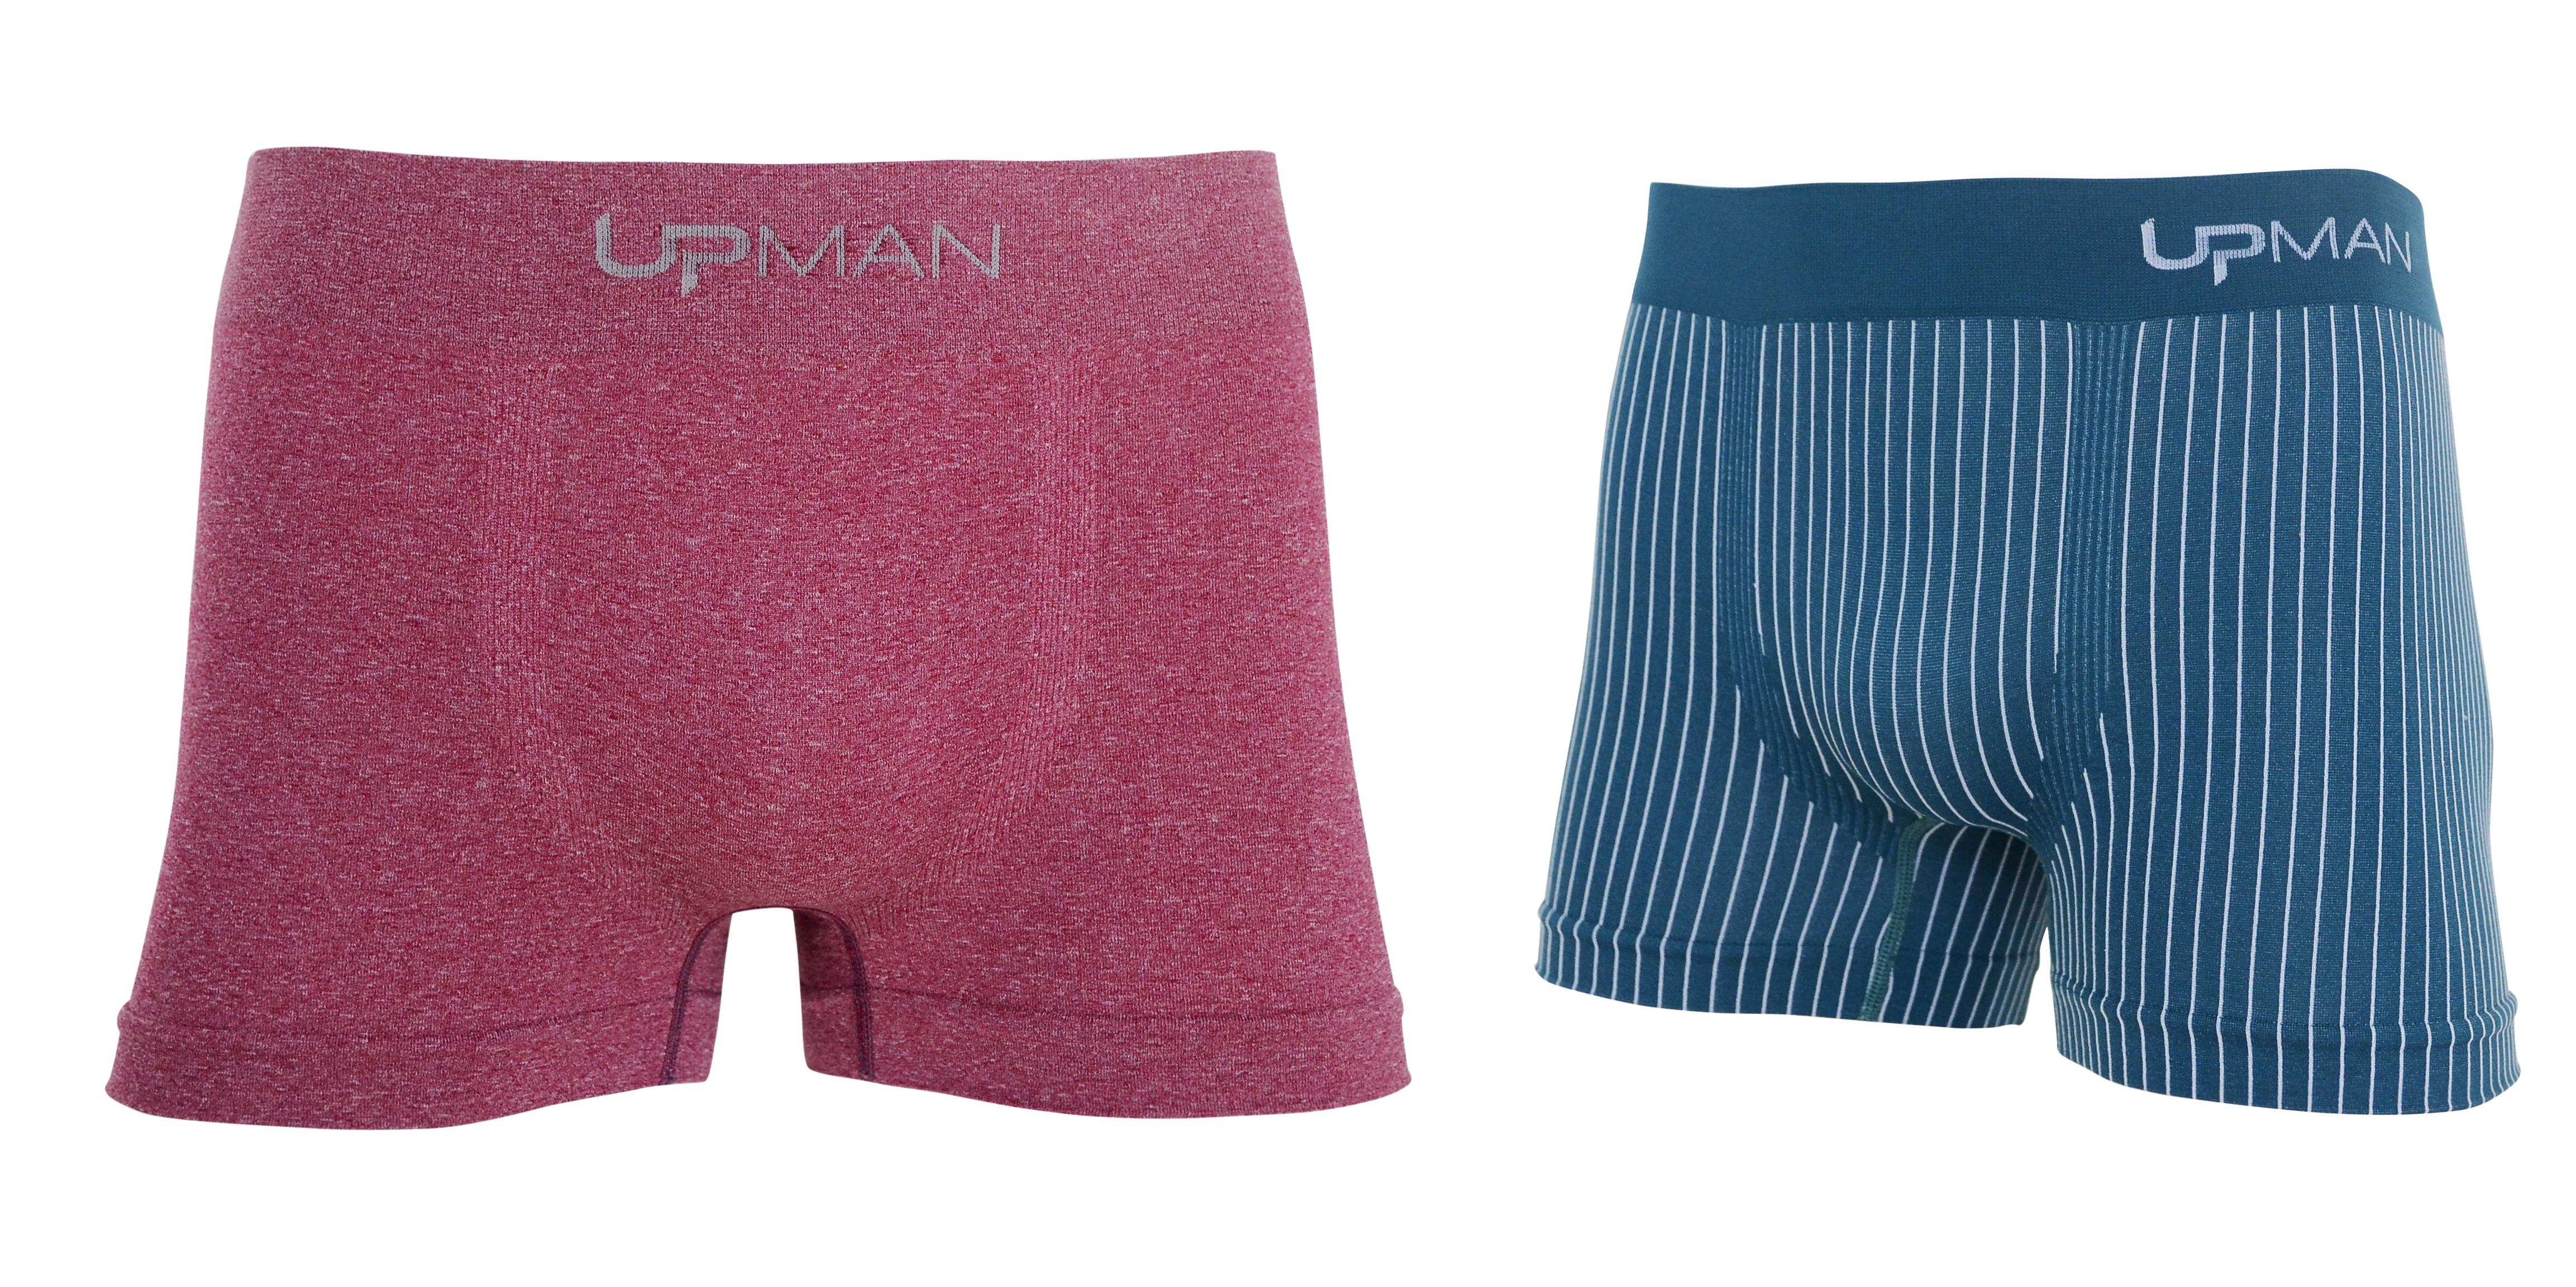 Up man, cuecas sem costura, cuecas verão 2014, menswear, estilo, blogger, blog de moda, moda masculina, blogueiro de moda, alex cursino, moda sem censura, tendência masculina 2